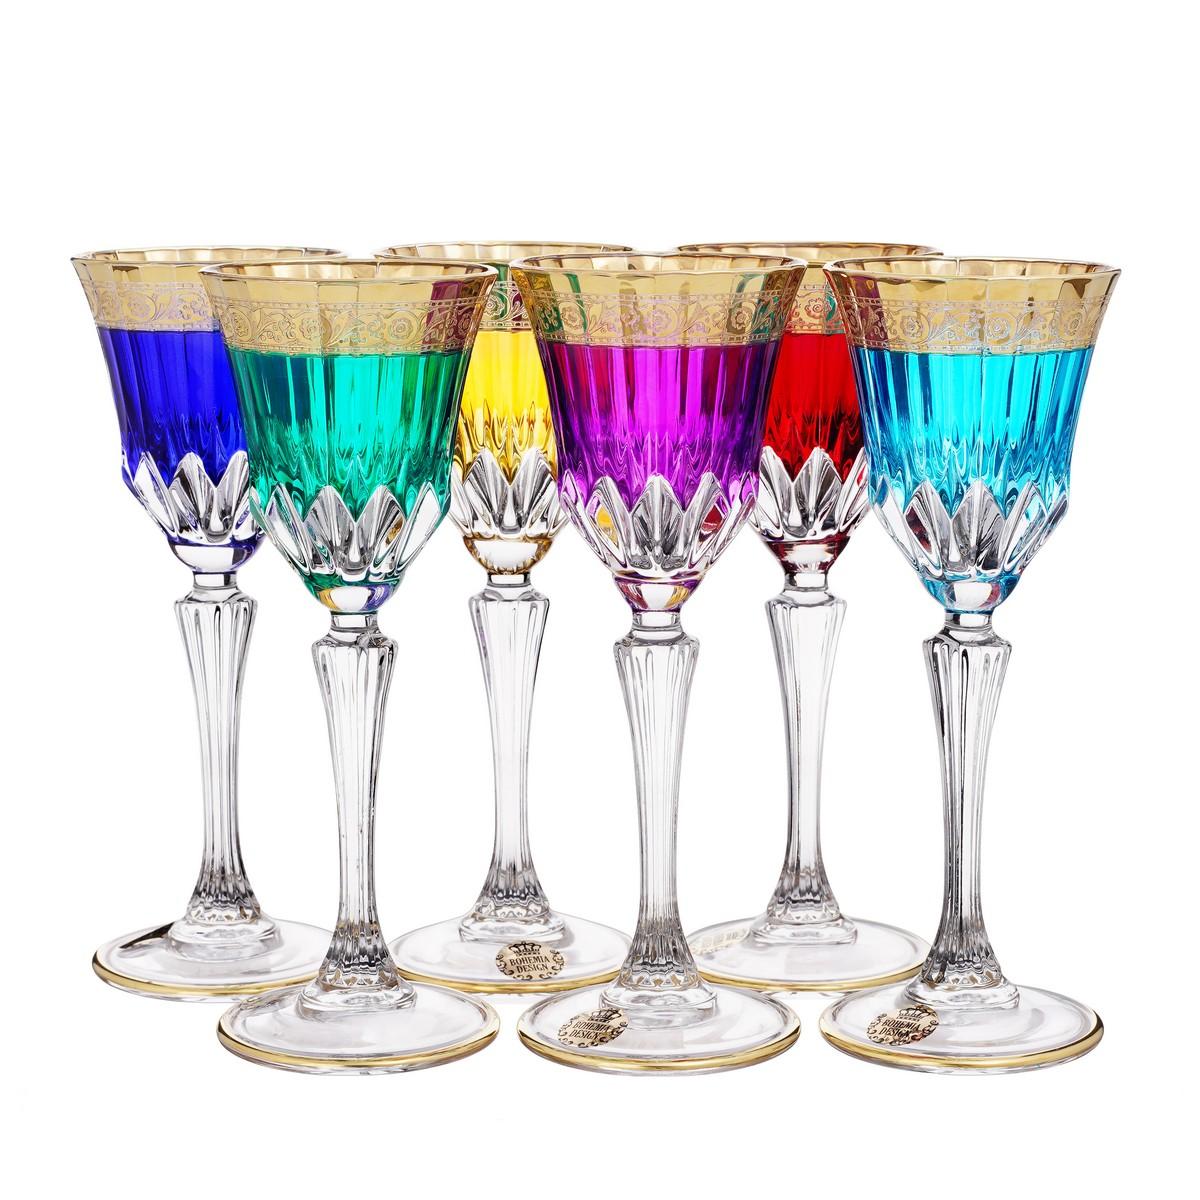 Набор разноцветных рюмок 80 мл АДАЖИО ГАРДЕН колорс от Bohemia Design, стекло, 6 шт.